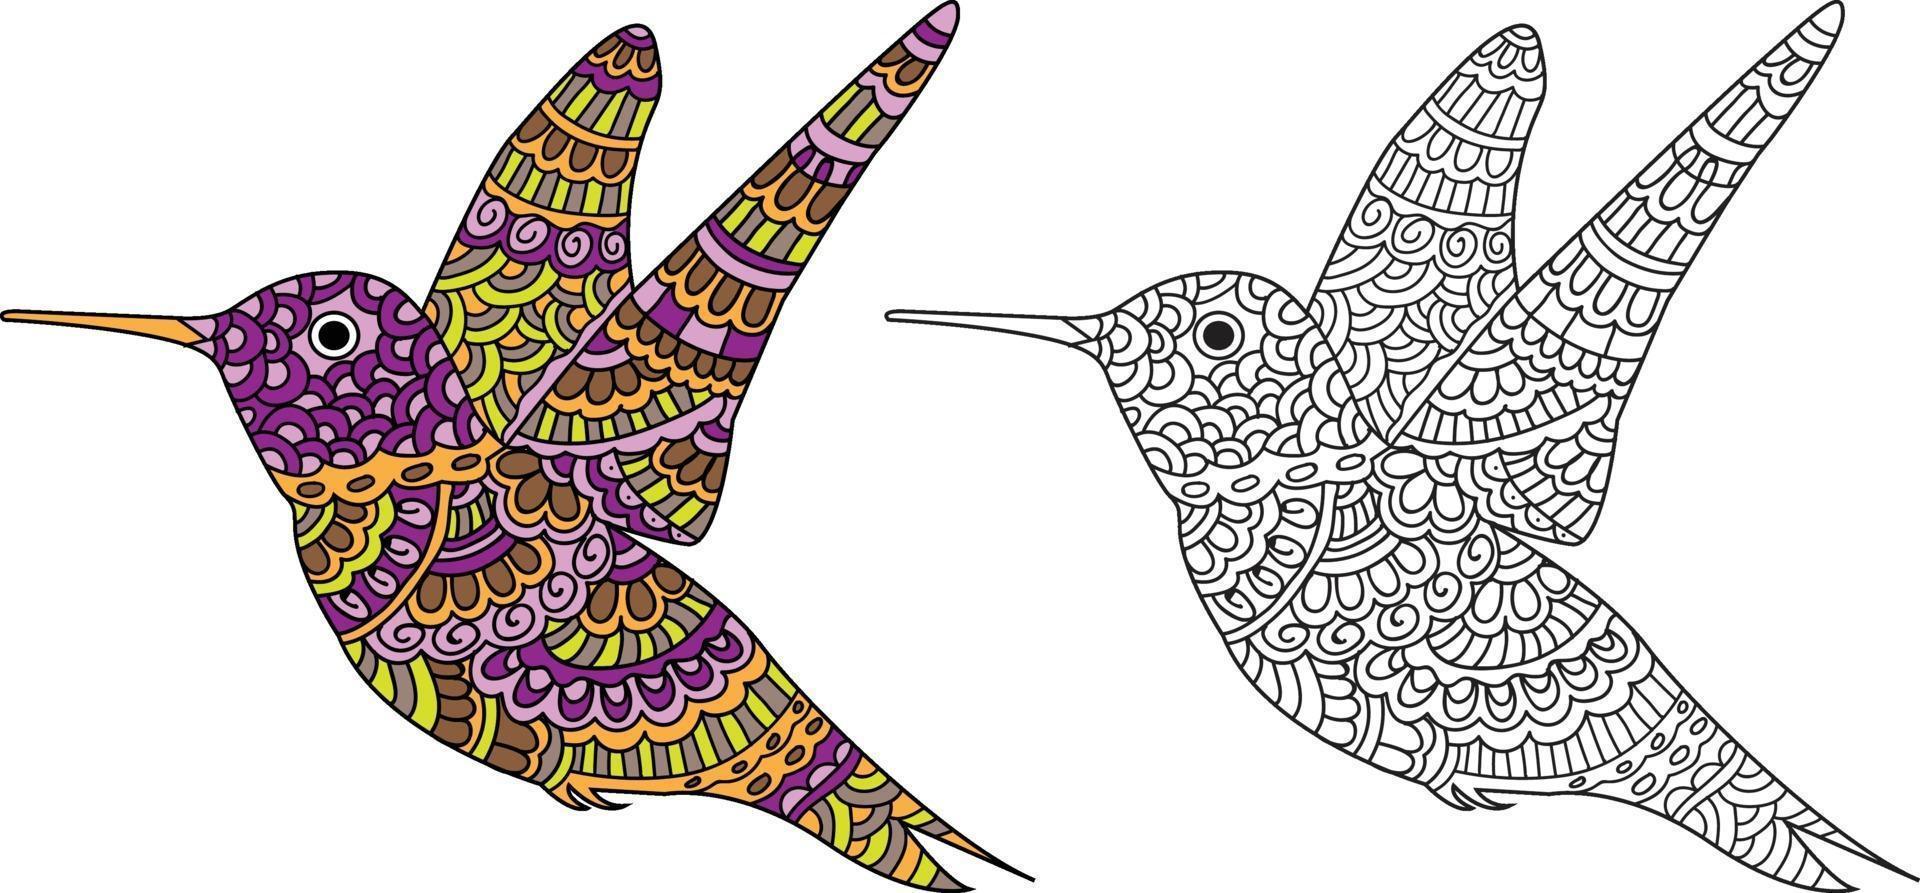 desenho de pássaro voador desenho livro para colorir para adultos e crianças vetor